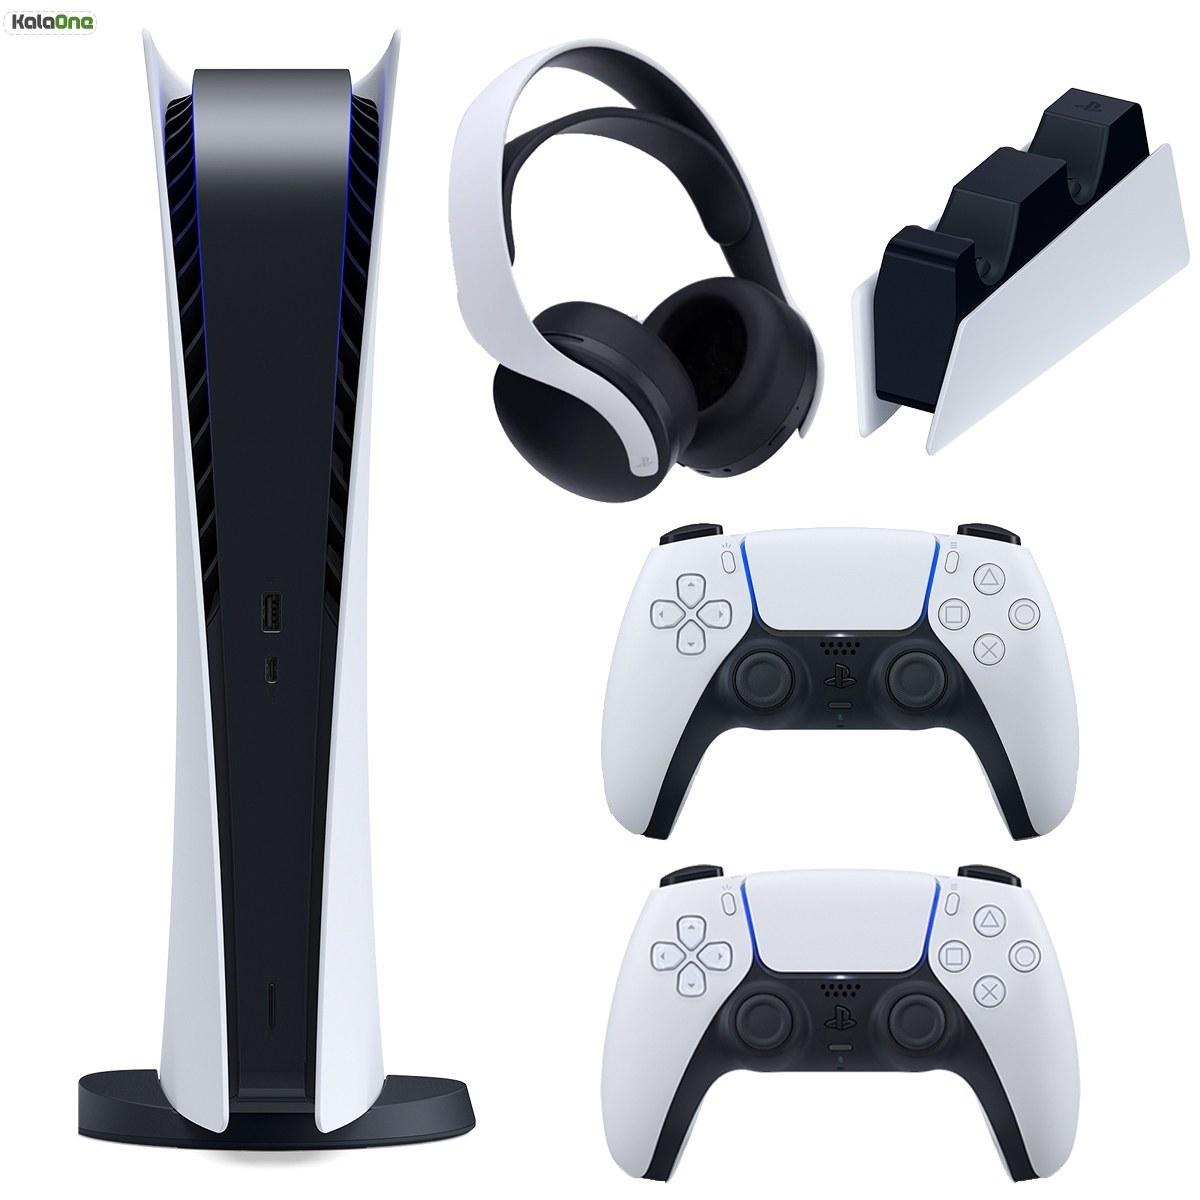 تصویر مجموعه کنسول بازی سونی مدل PlayStation 5 Digital ظرفیت 825 گیگابایت به همراه هدست و پایه شارژر